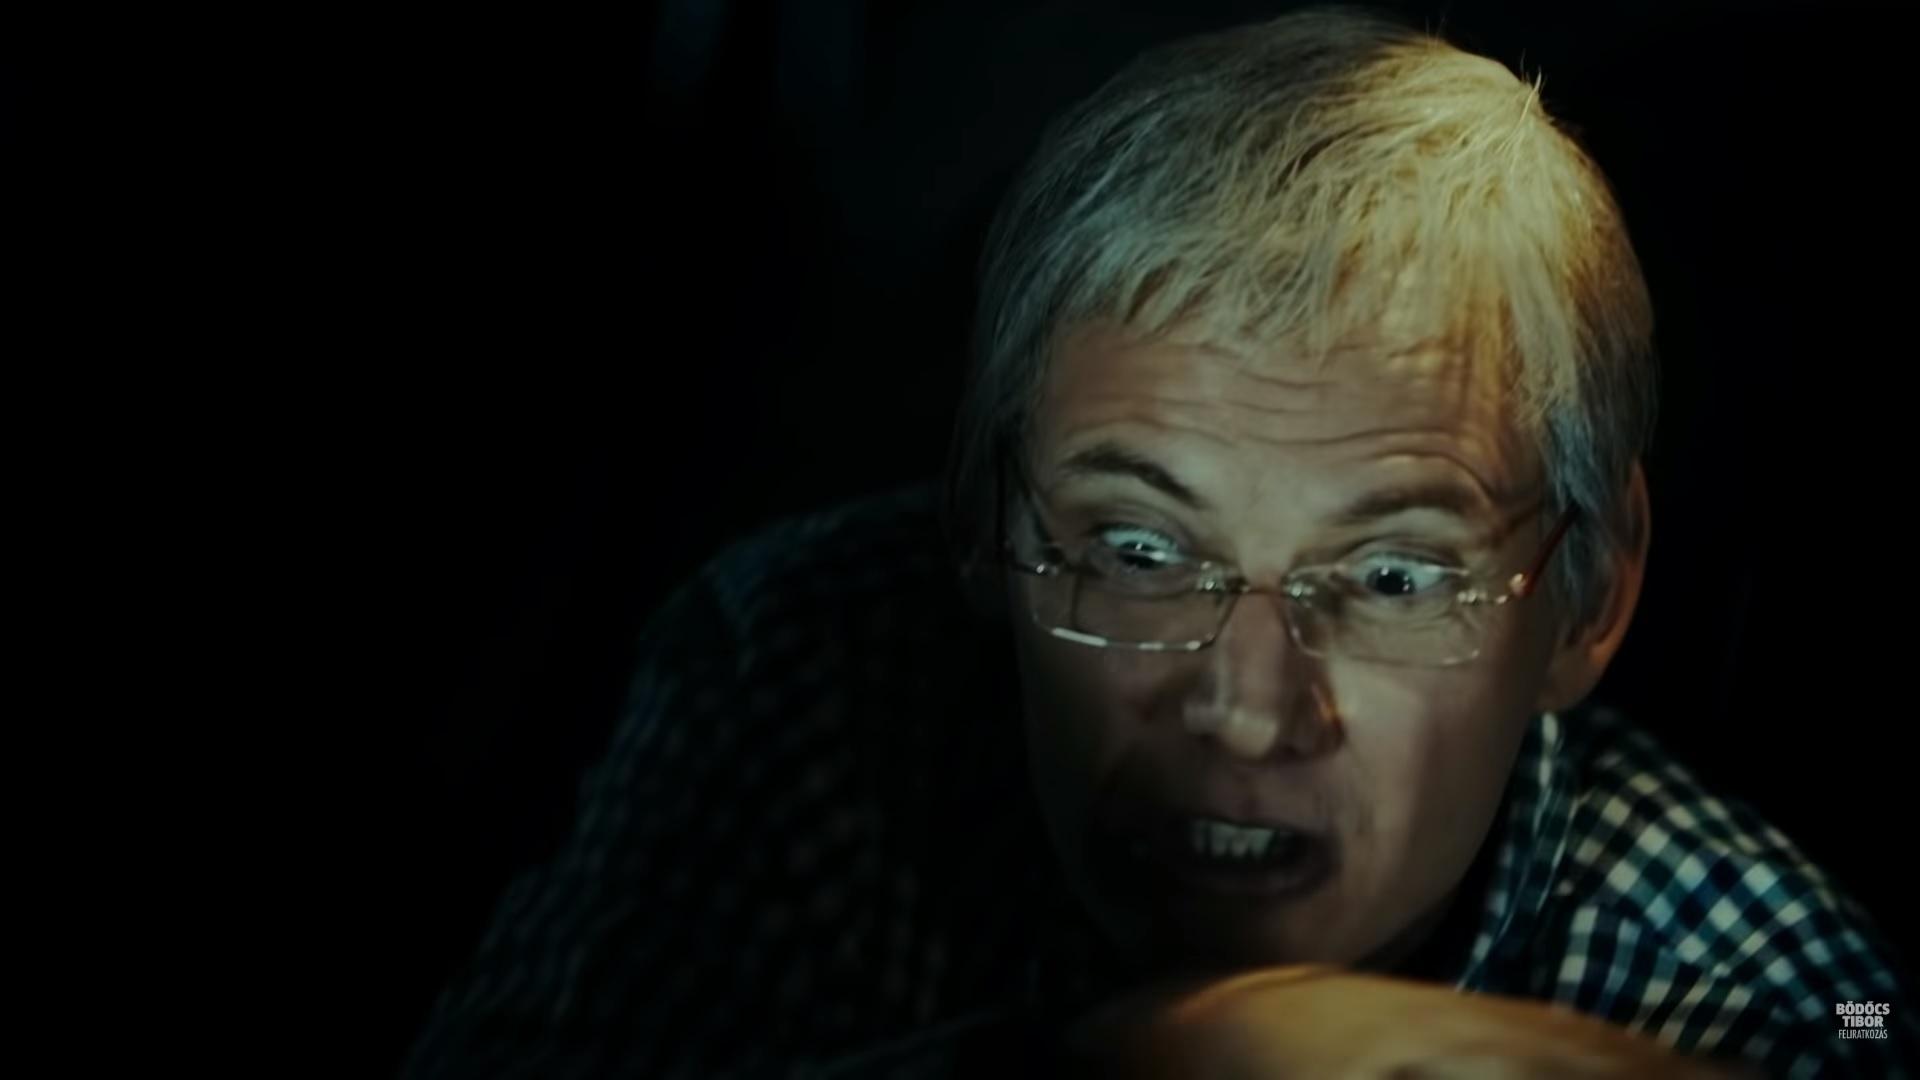 Bödőcs Tibor őrült, öreg Gyurcsányként beszél egy taxiban az elmebeteg, sátáni Orbánról